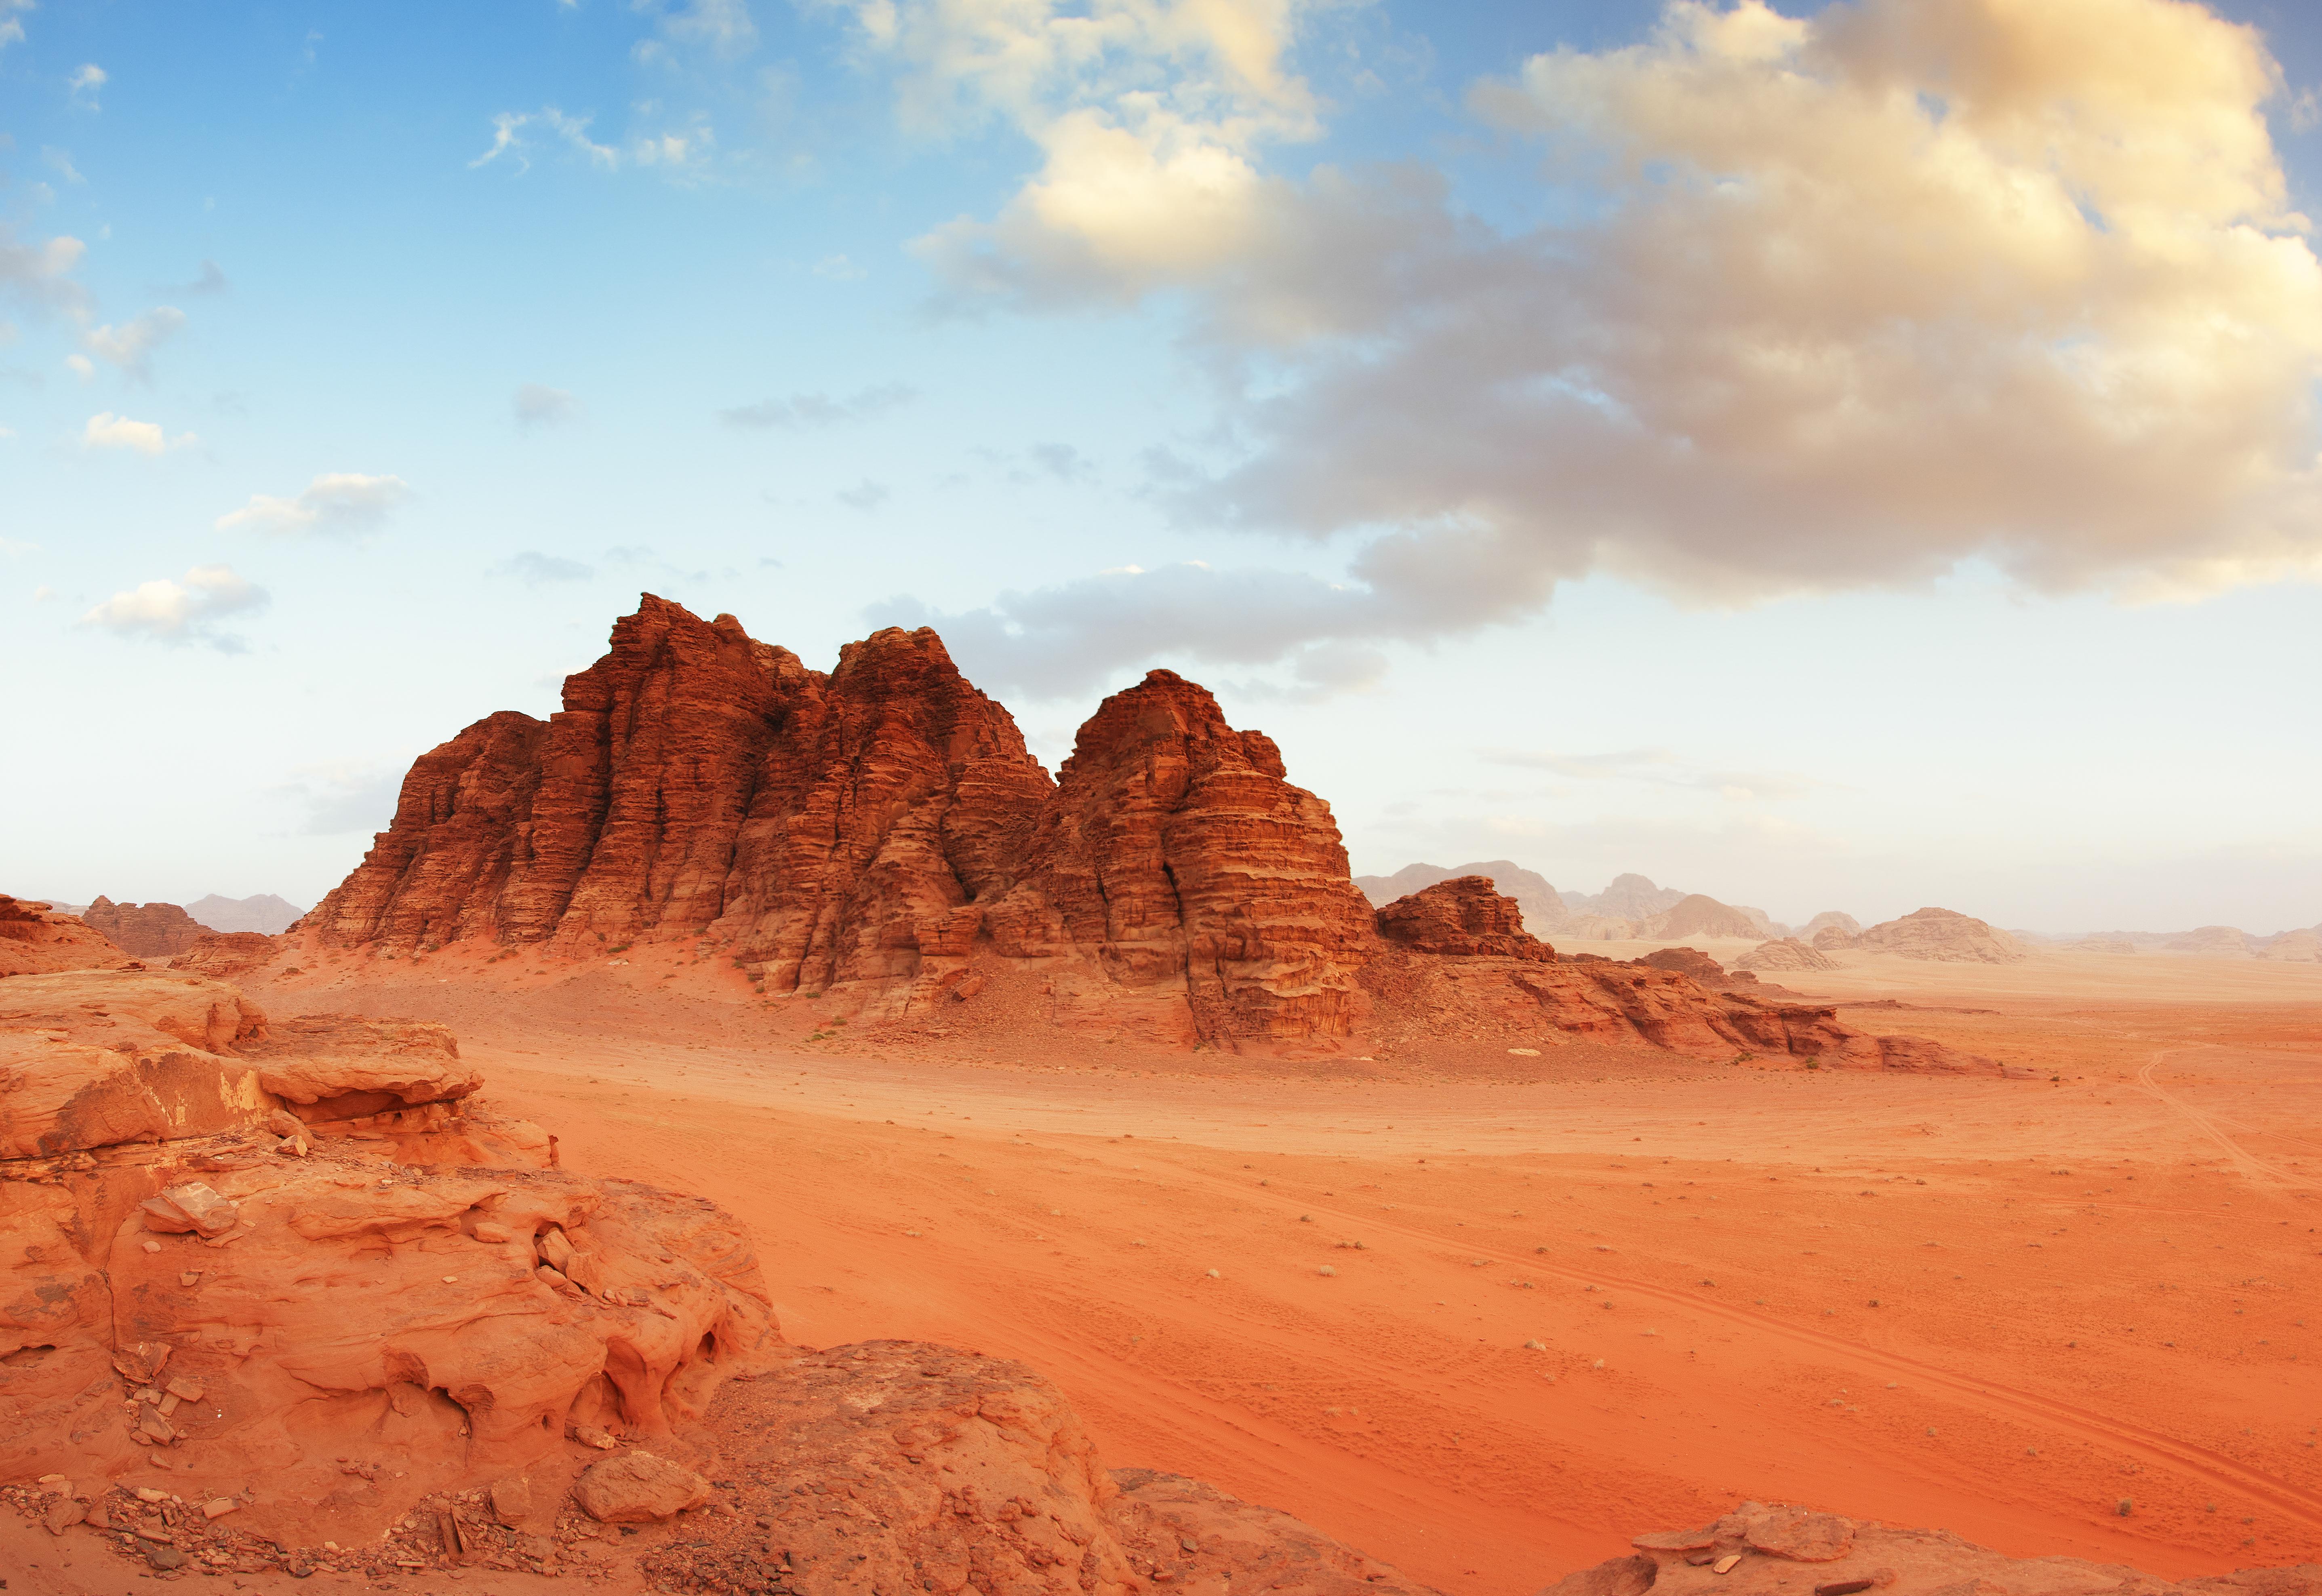 Los dos momentos más mágicos para visitar el desierto - Jordania Circuito Jordania e Israel: dos países, tres religiones